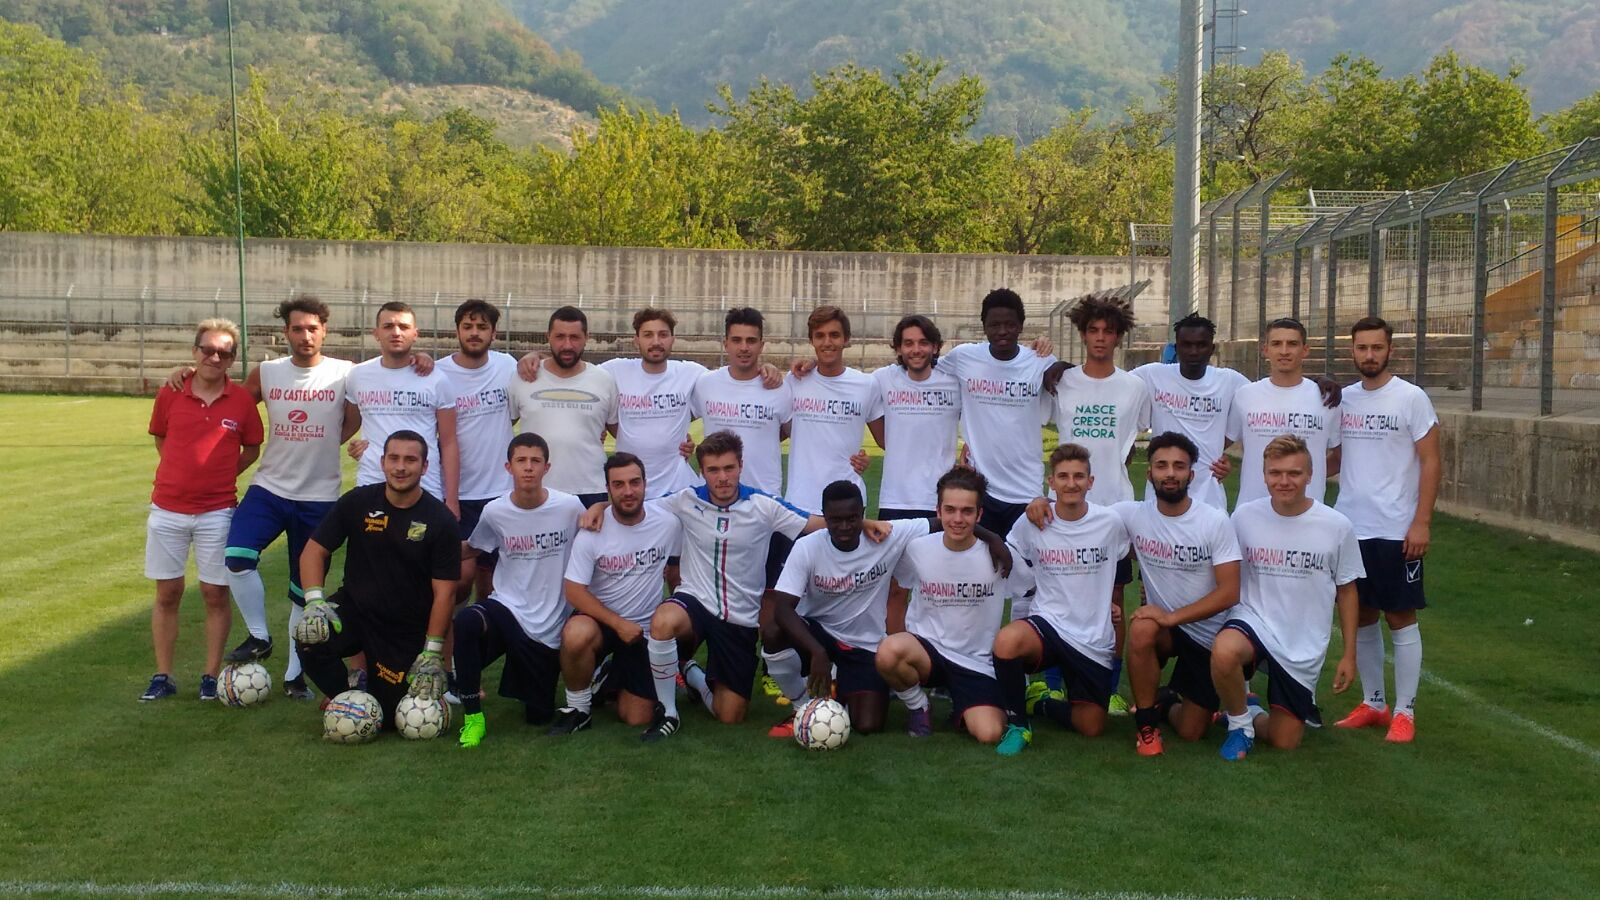 Cervinara: 11 reti all'Equipe Sannio nella prima uscita stagionale